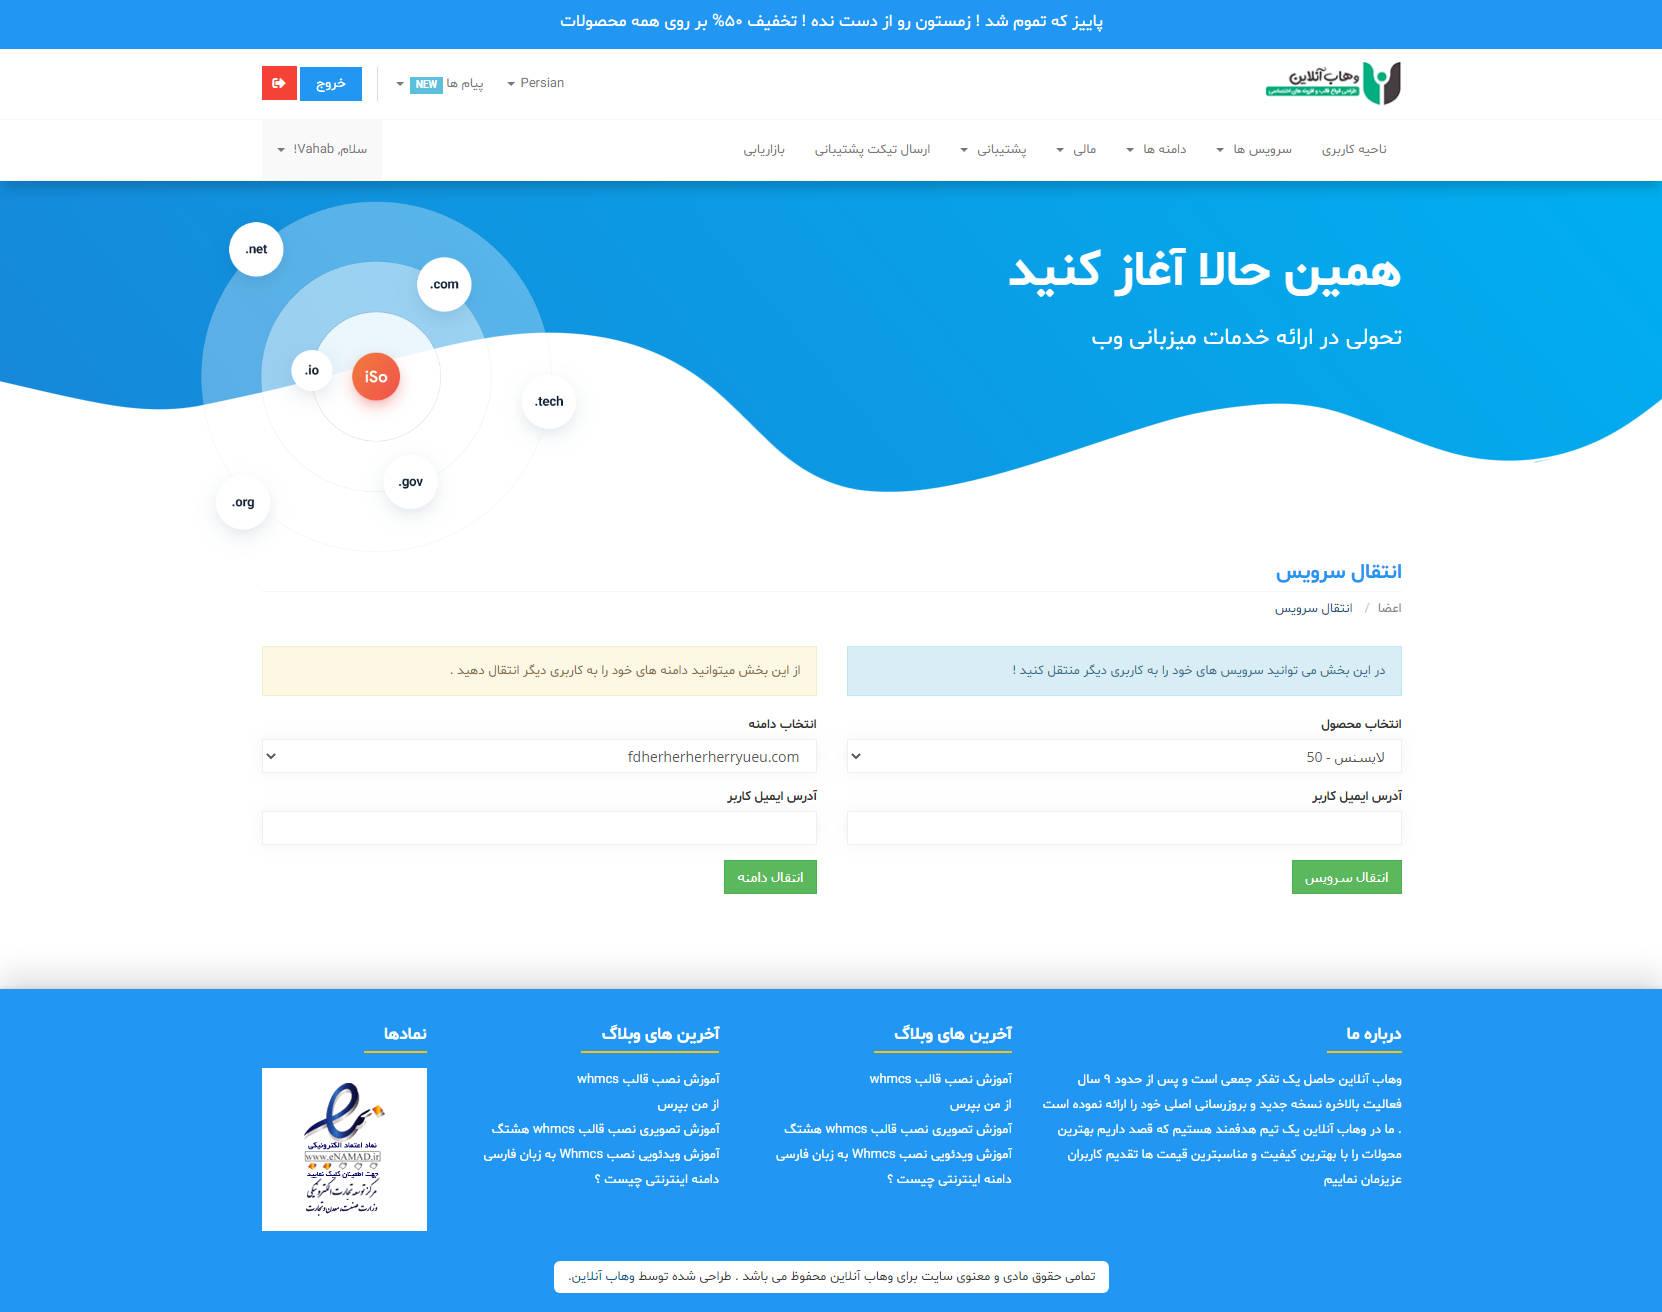 افزونه whmcs انتقال سرویس از کاربر به کاربر دیگر